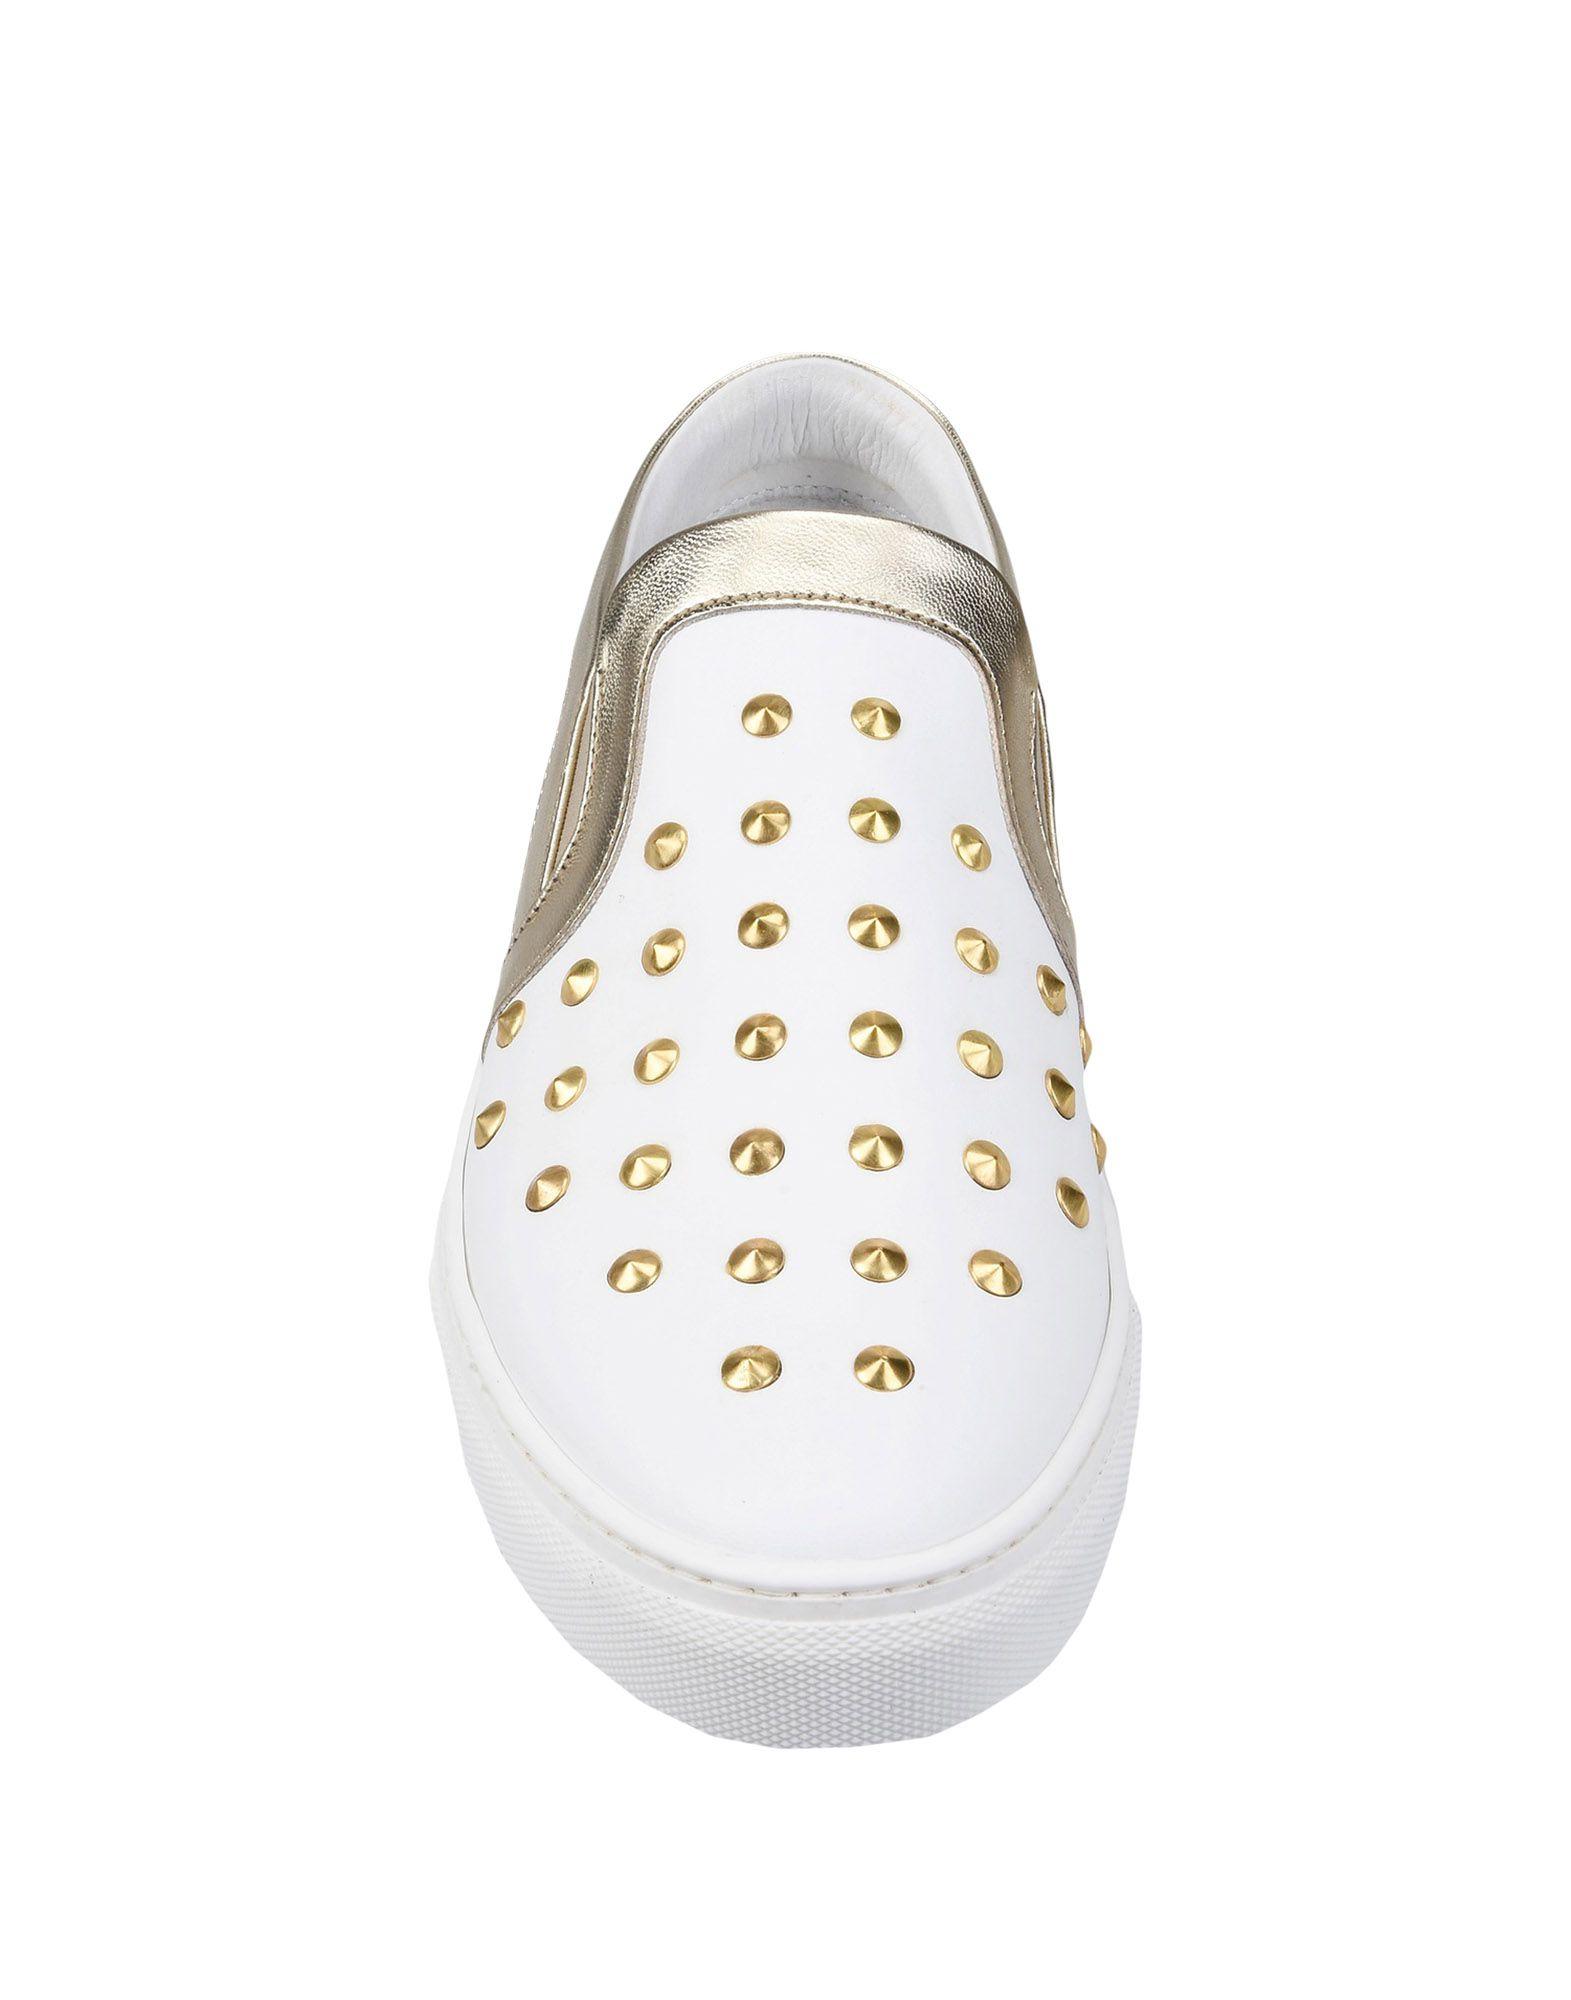 George Damen J. Love Sneakers Damen George  11261687MI Neue Schuhe d723a4